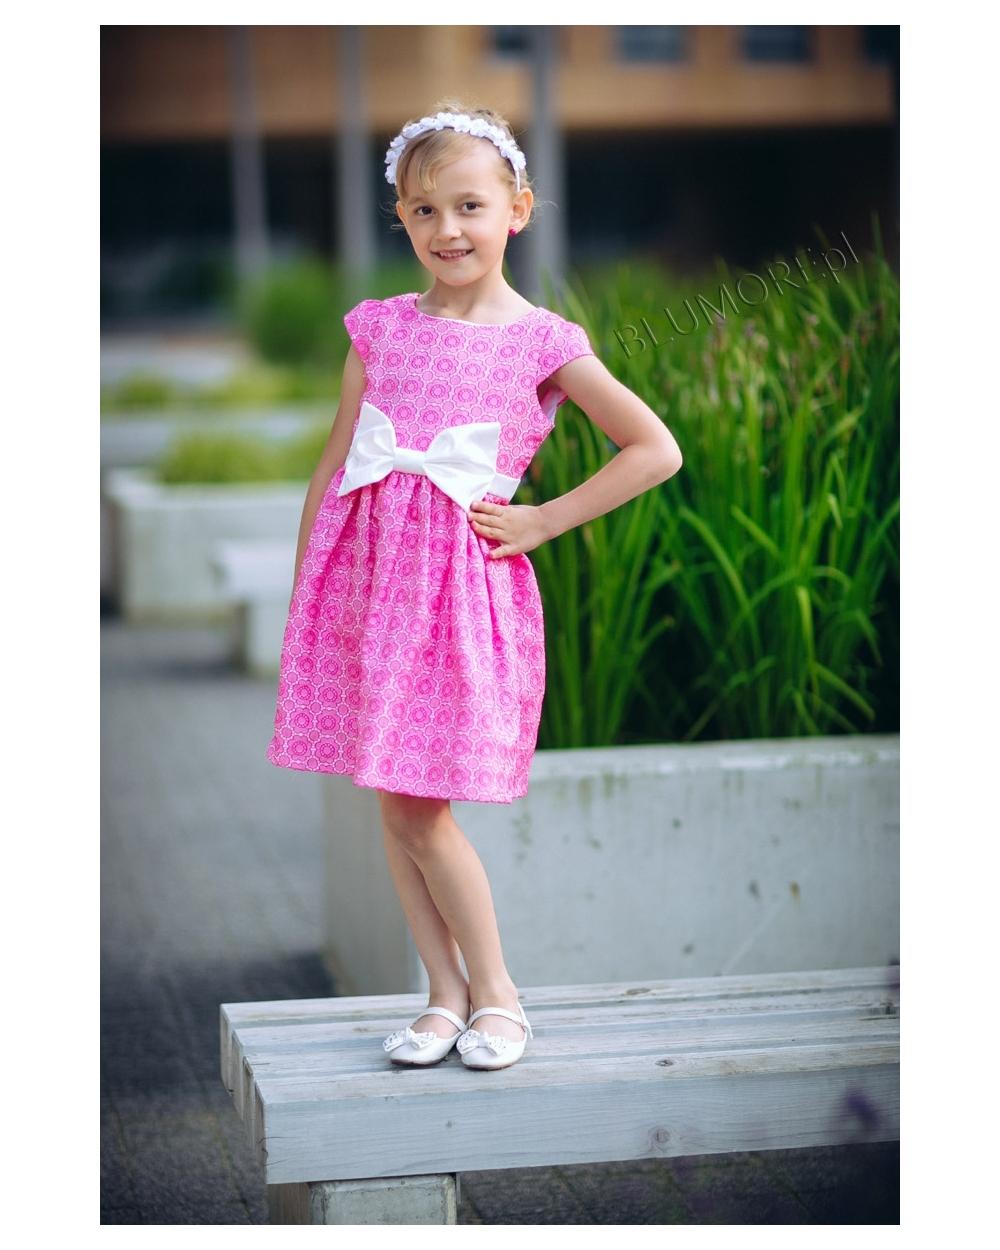 5dbf08e9a0 Śliczna sukienka na wesele dla dziewczynki 74 - 158 Laura